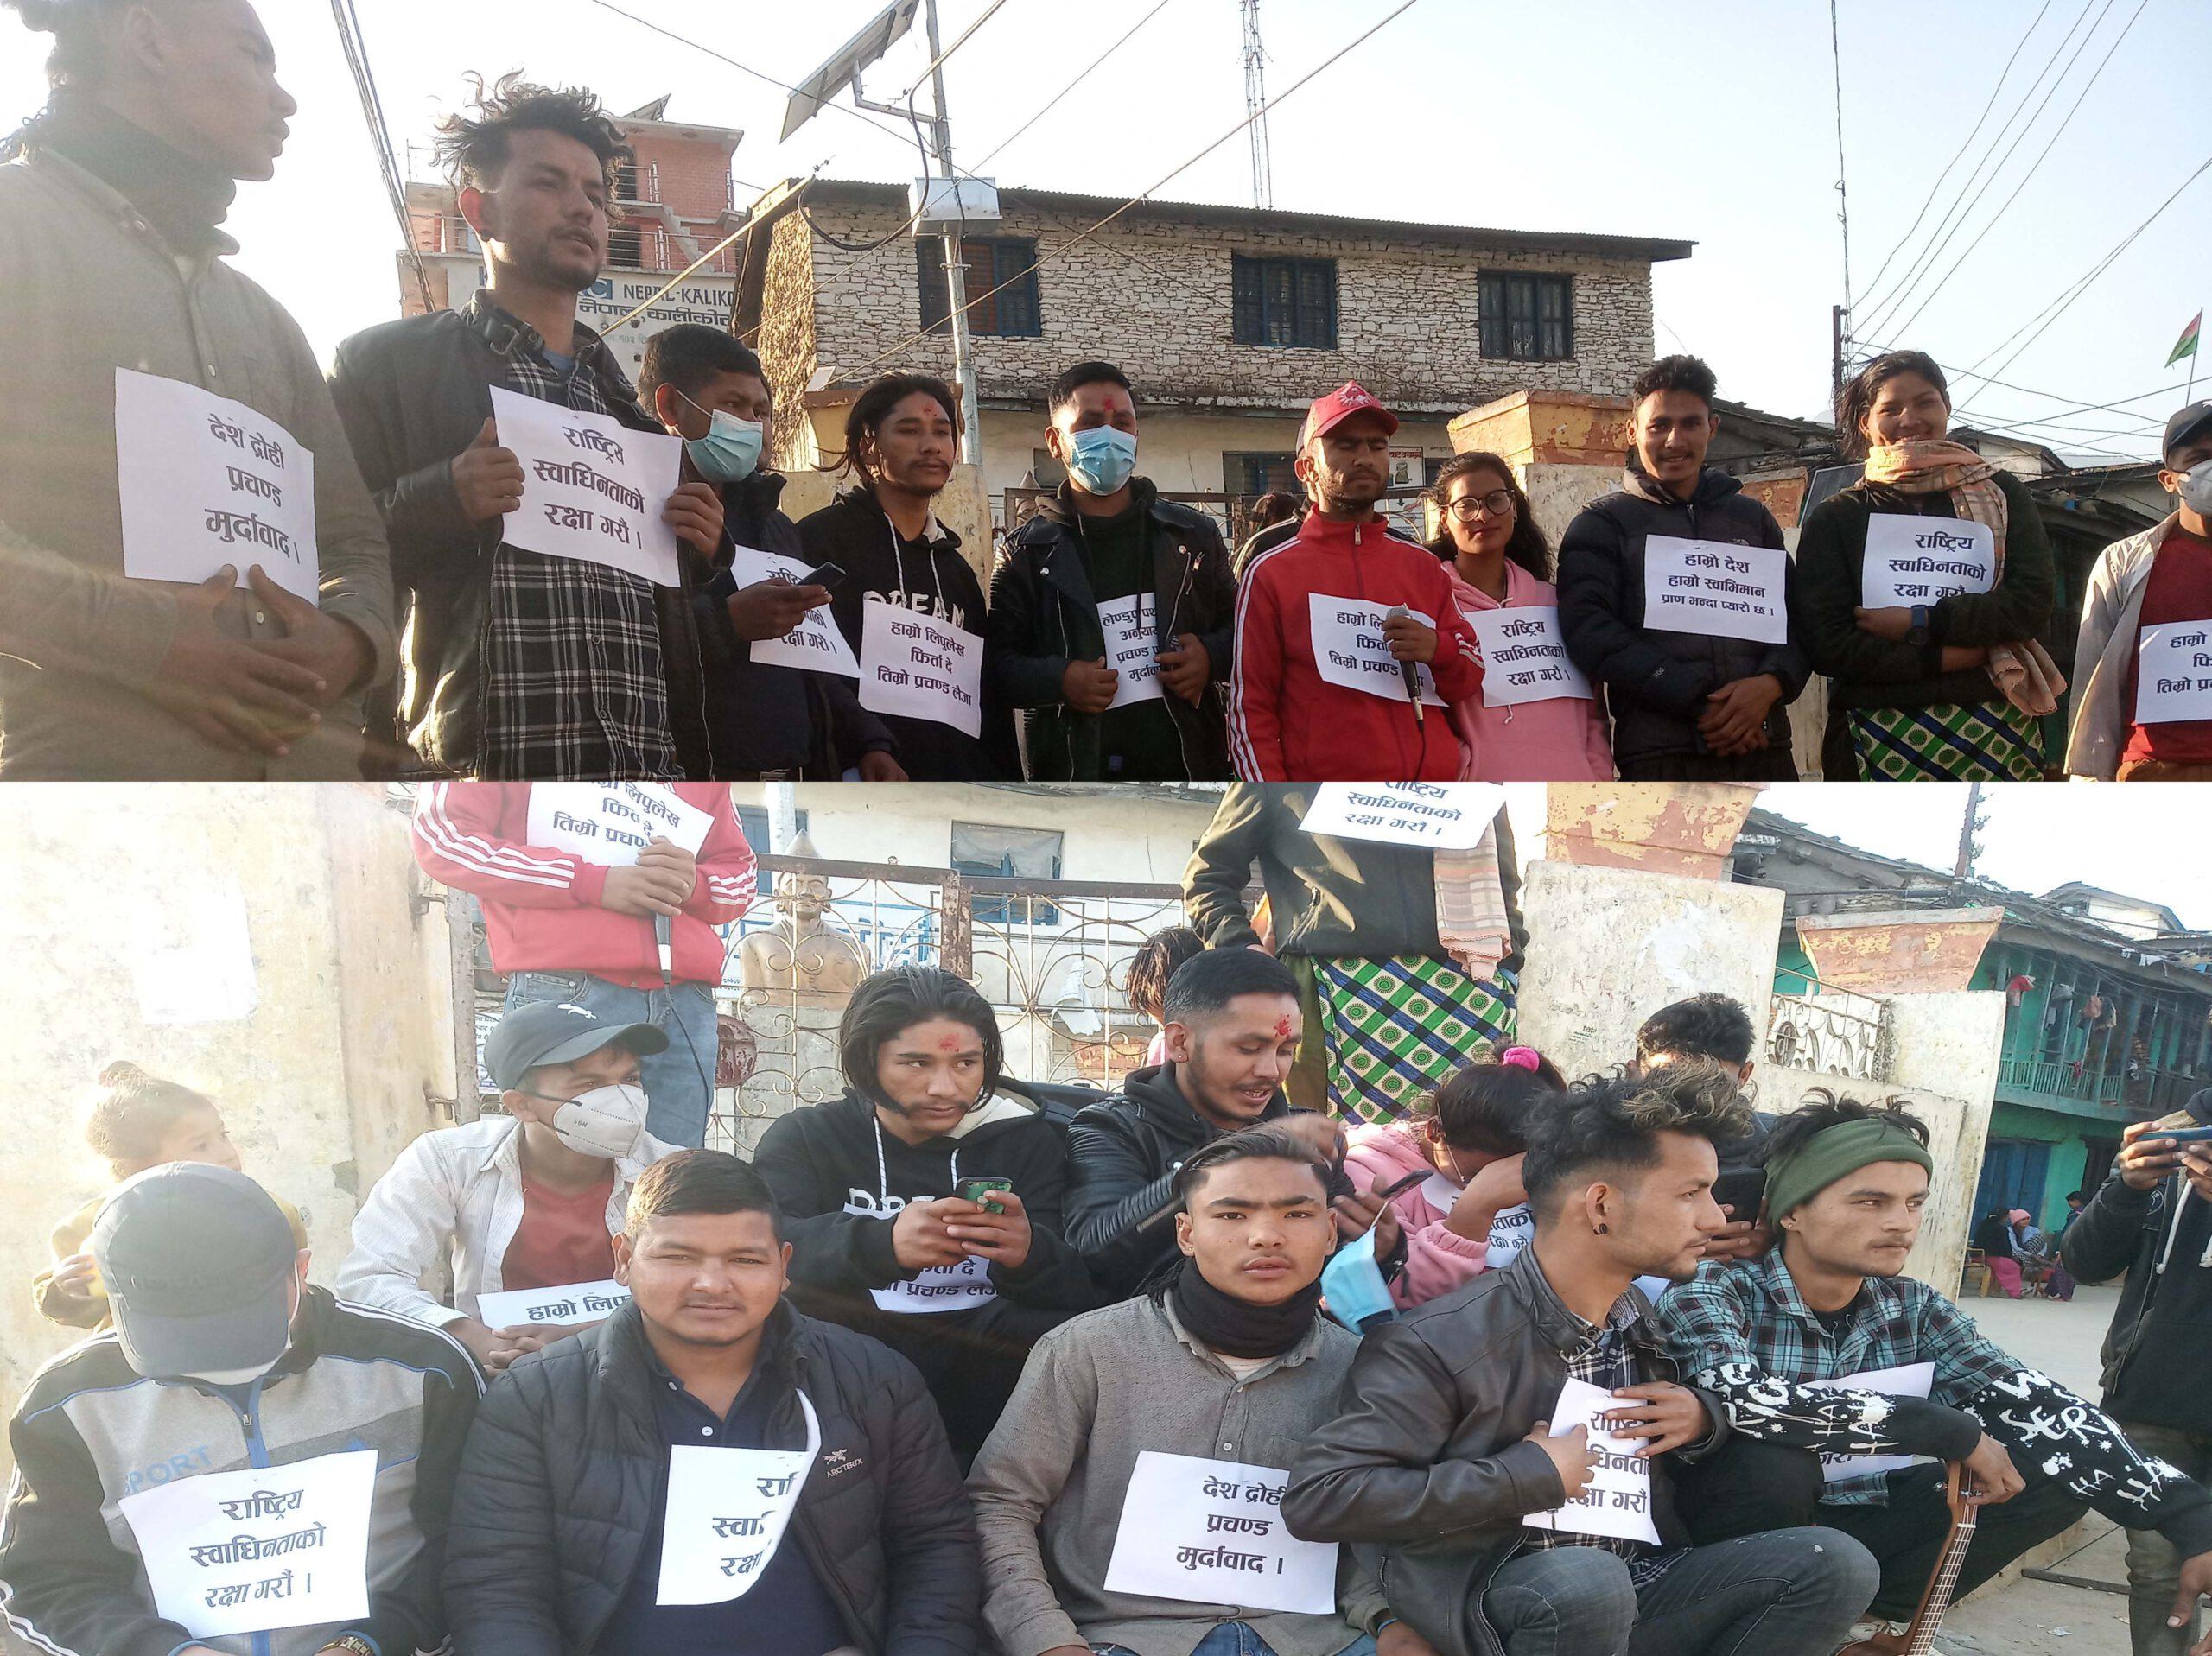 प्रचण्डको राष्ट्र विरोधी अभिव्यक्ती विरुध अनेरास्ववियू कालिकोटको विरोध प्रर्दशन